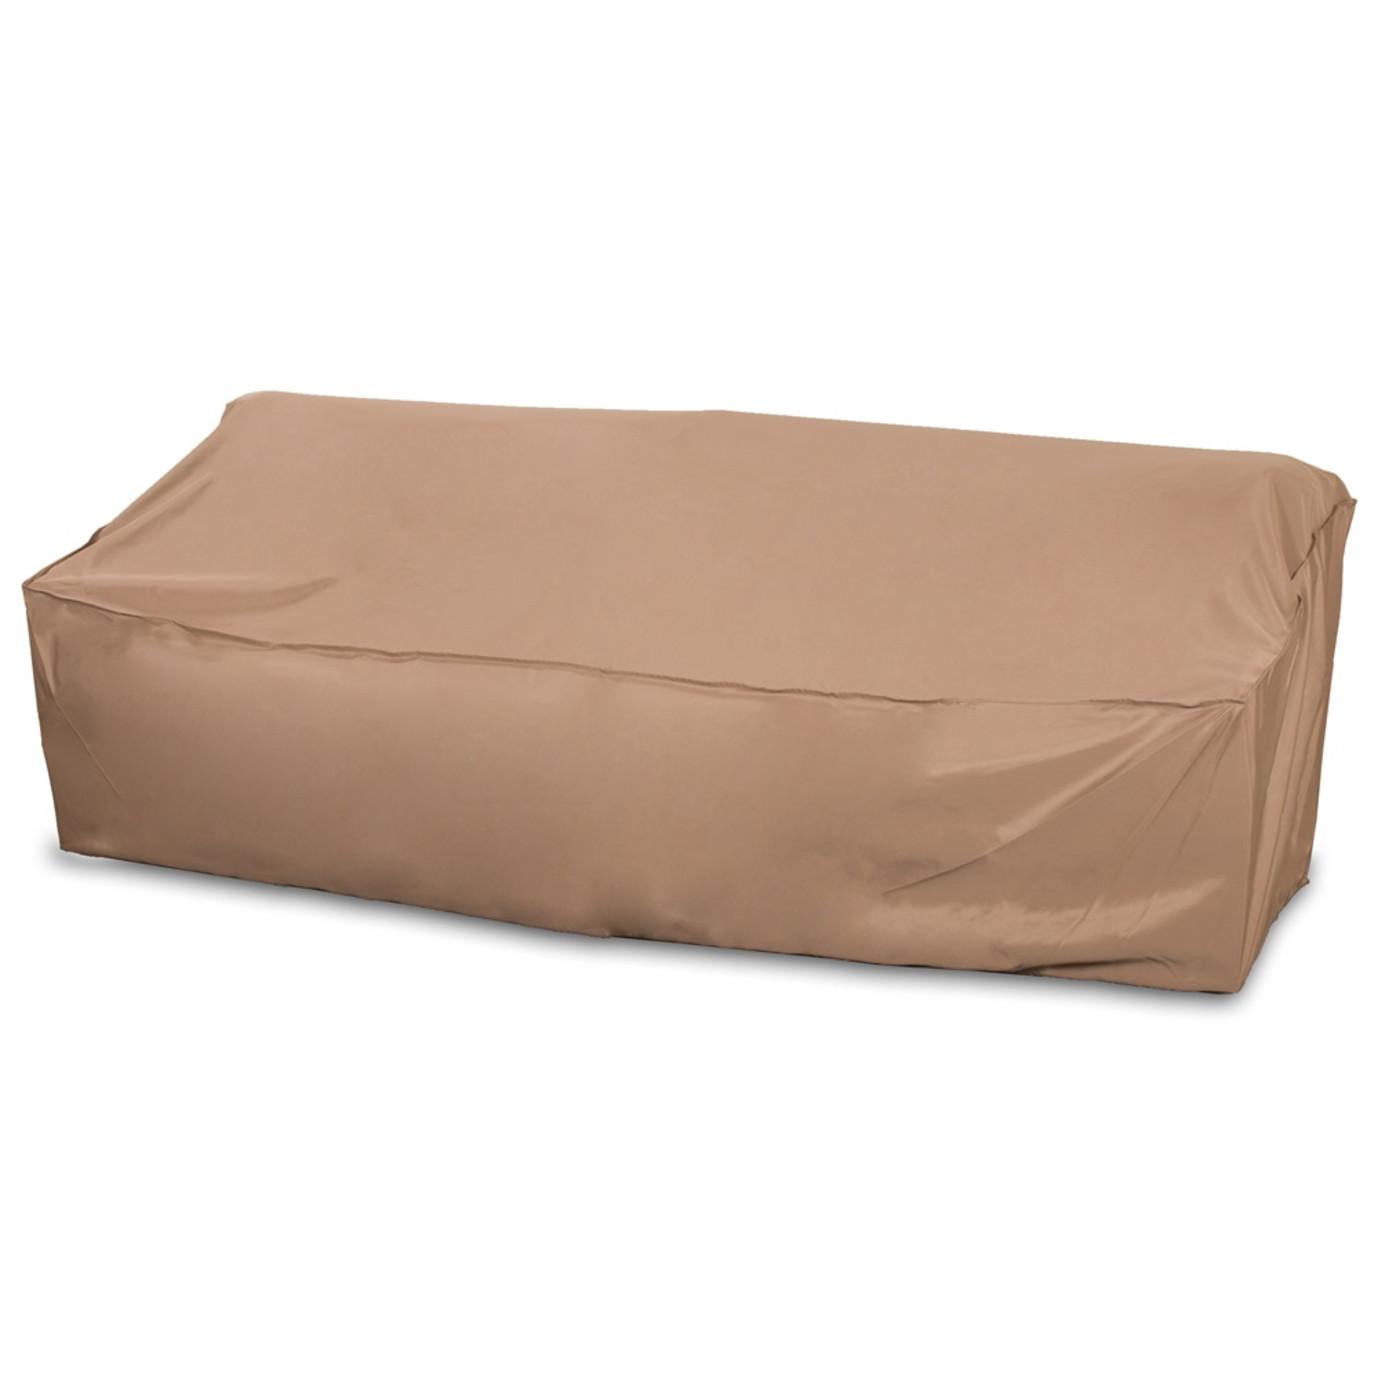 Portofino® 88in Sofa Furniture Cover